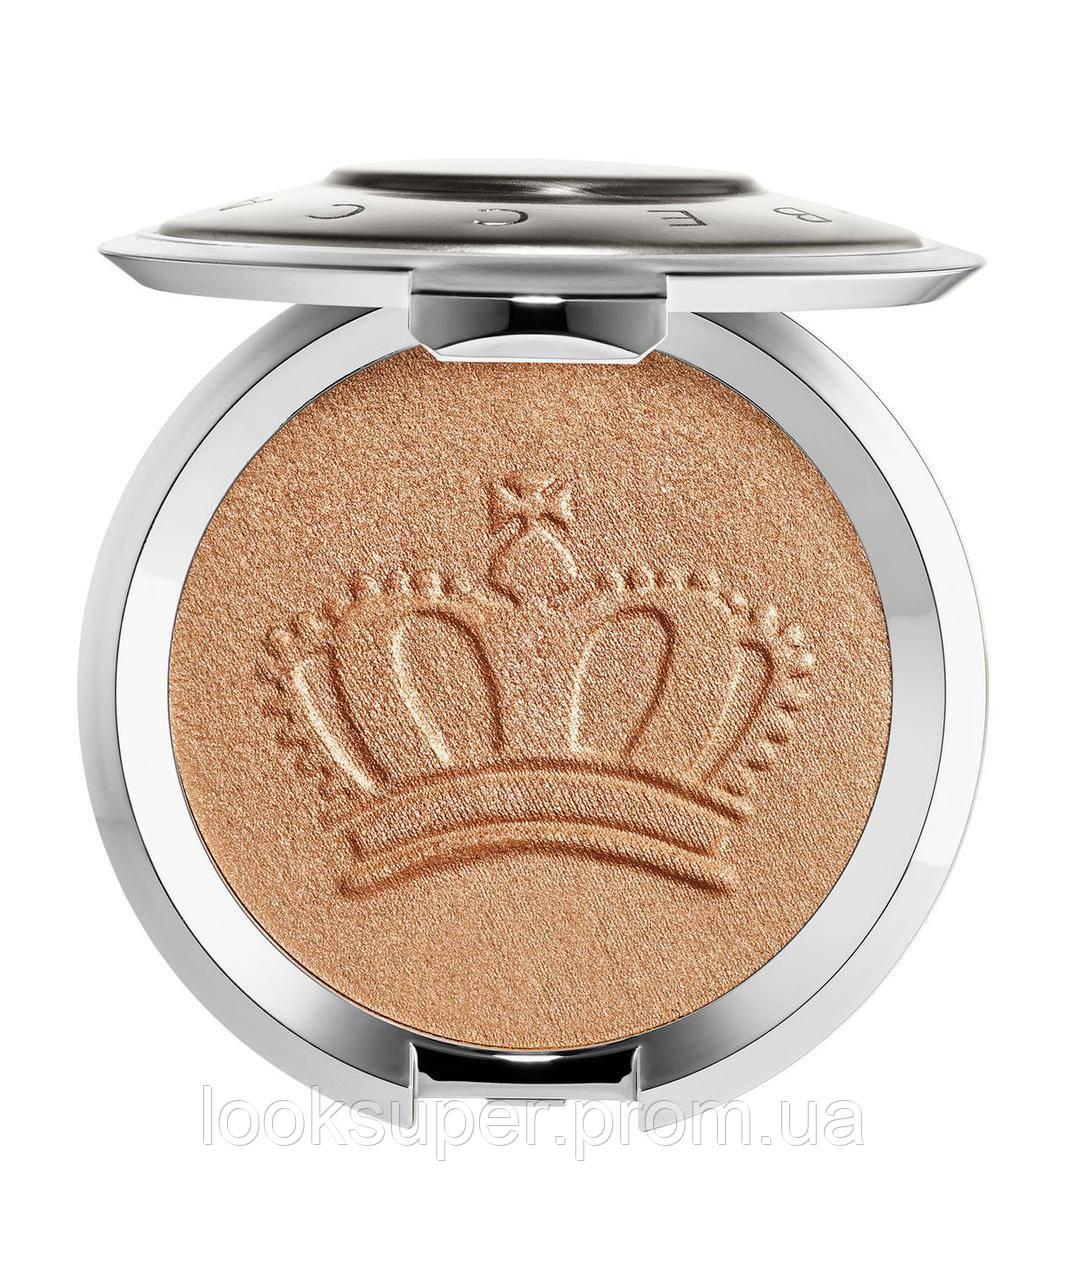 Хайлайтер BECCA Shimmering Skin Perfector Pressed - Royal Glow